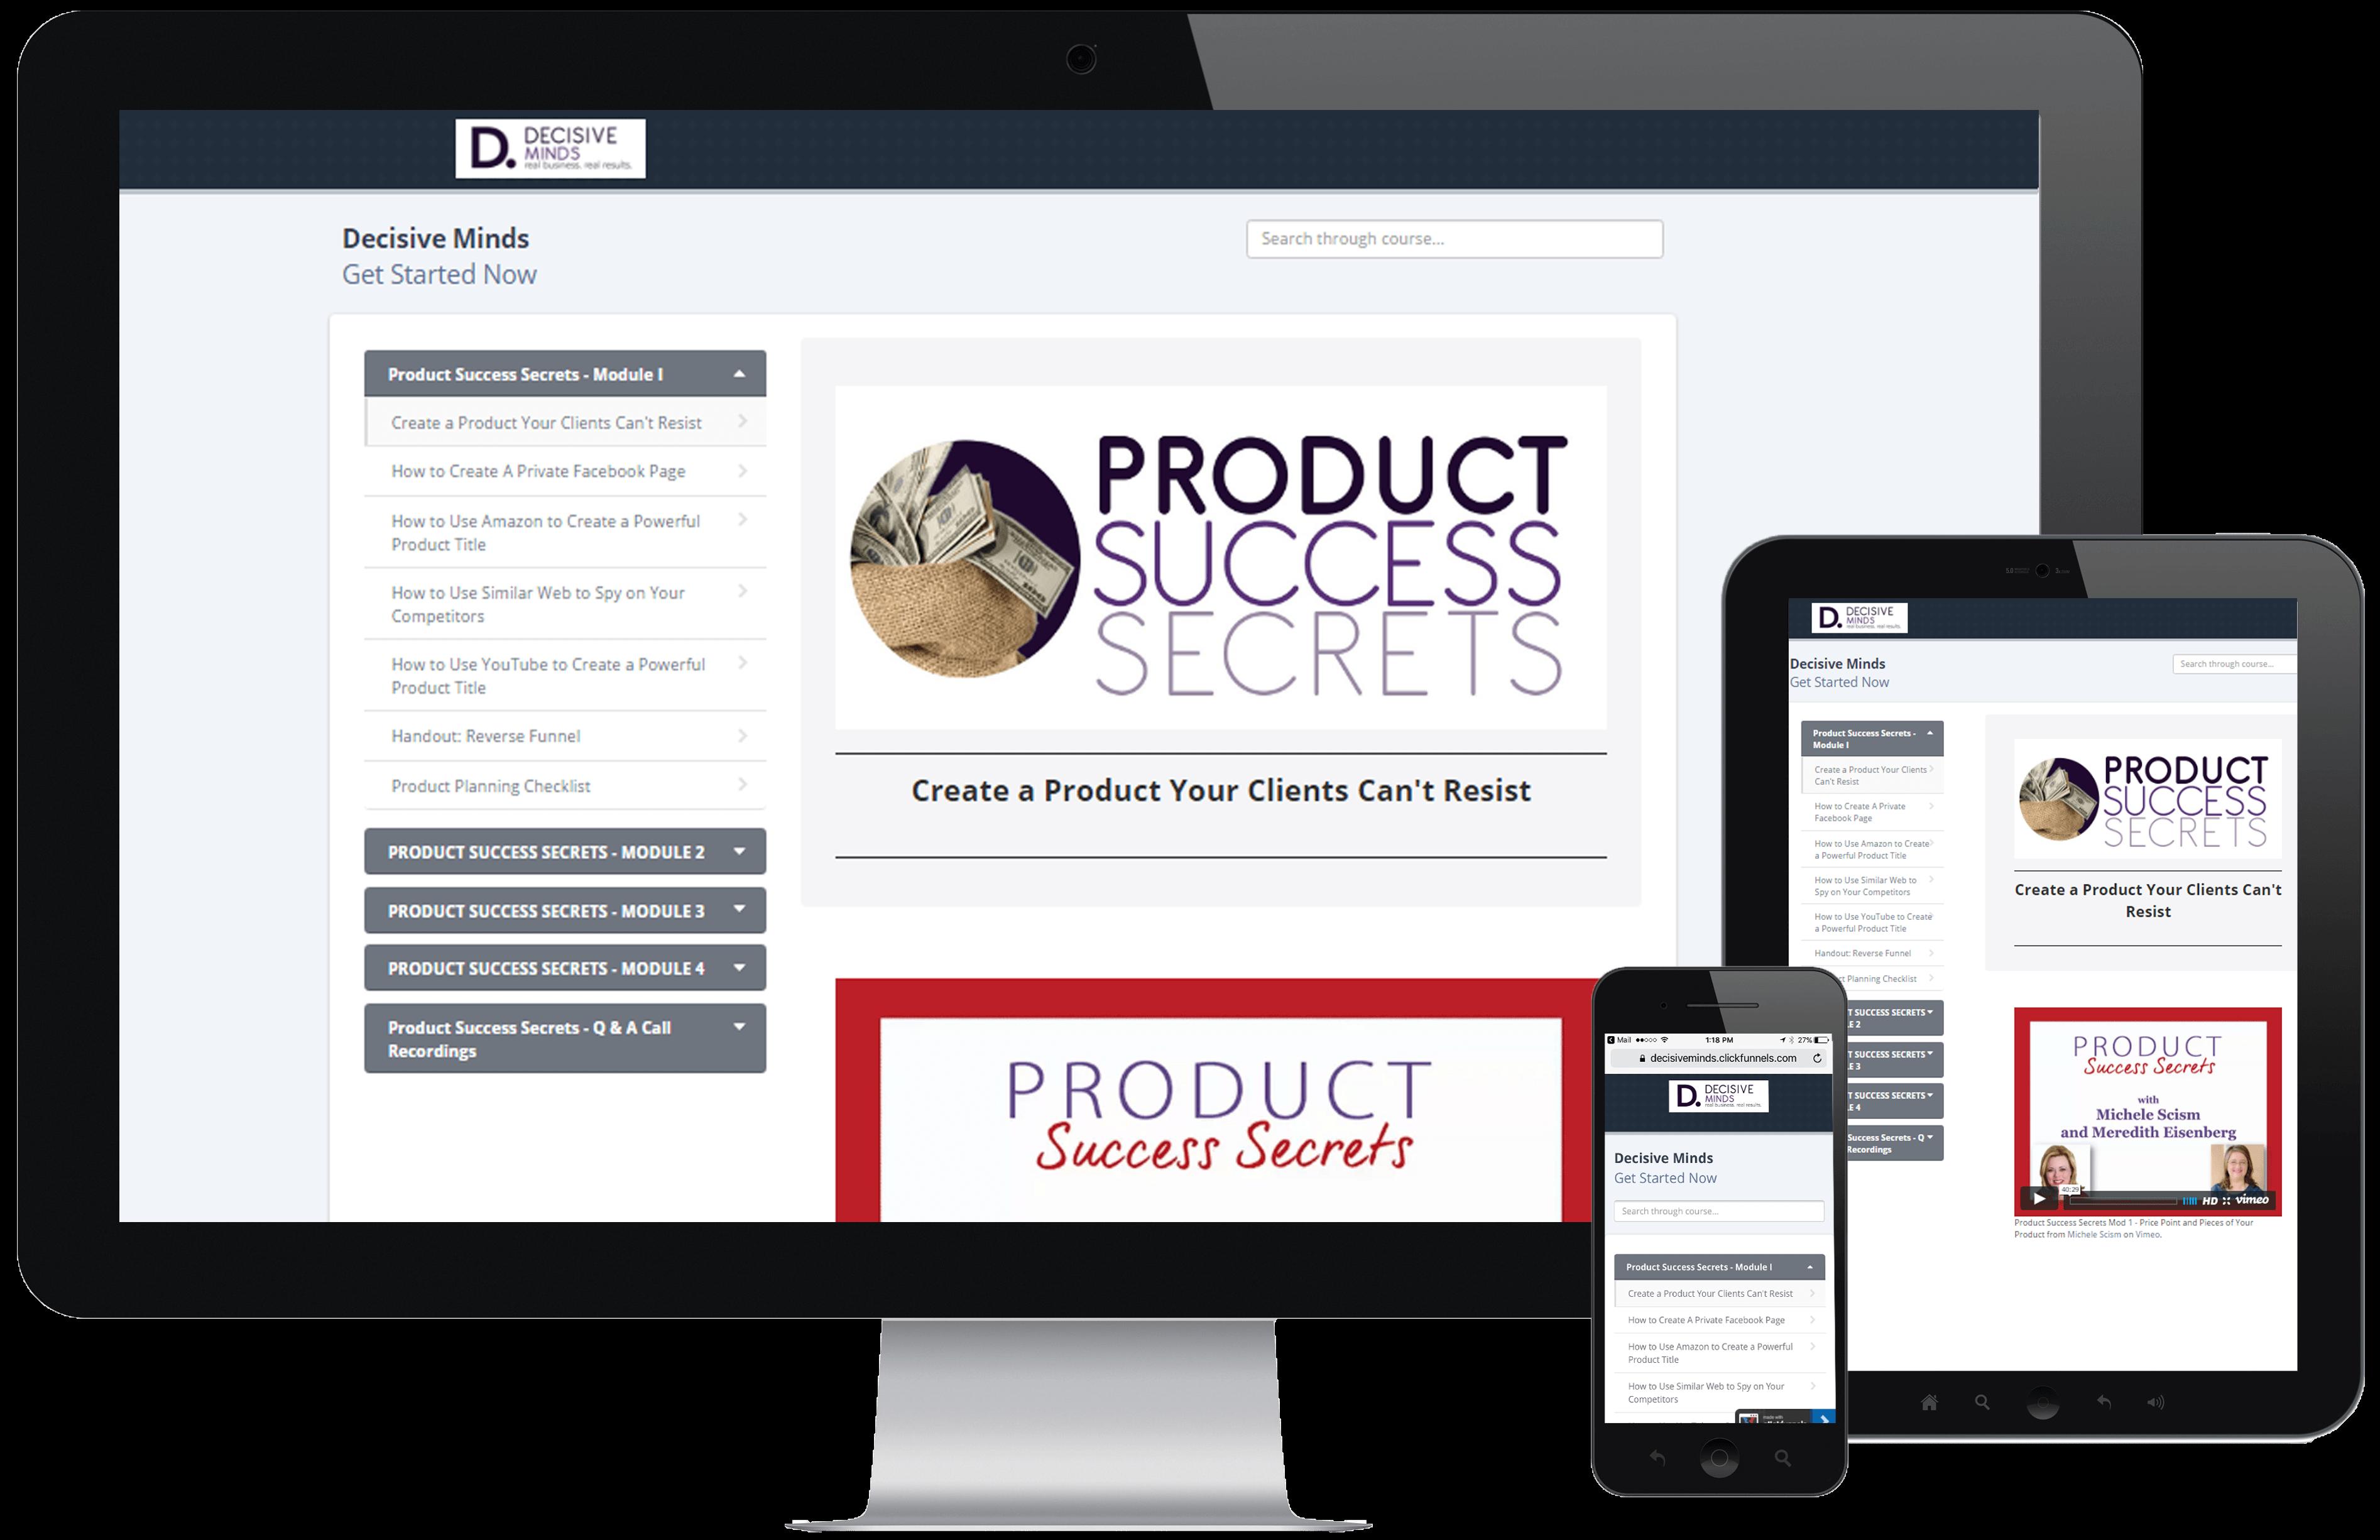 product success secrets